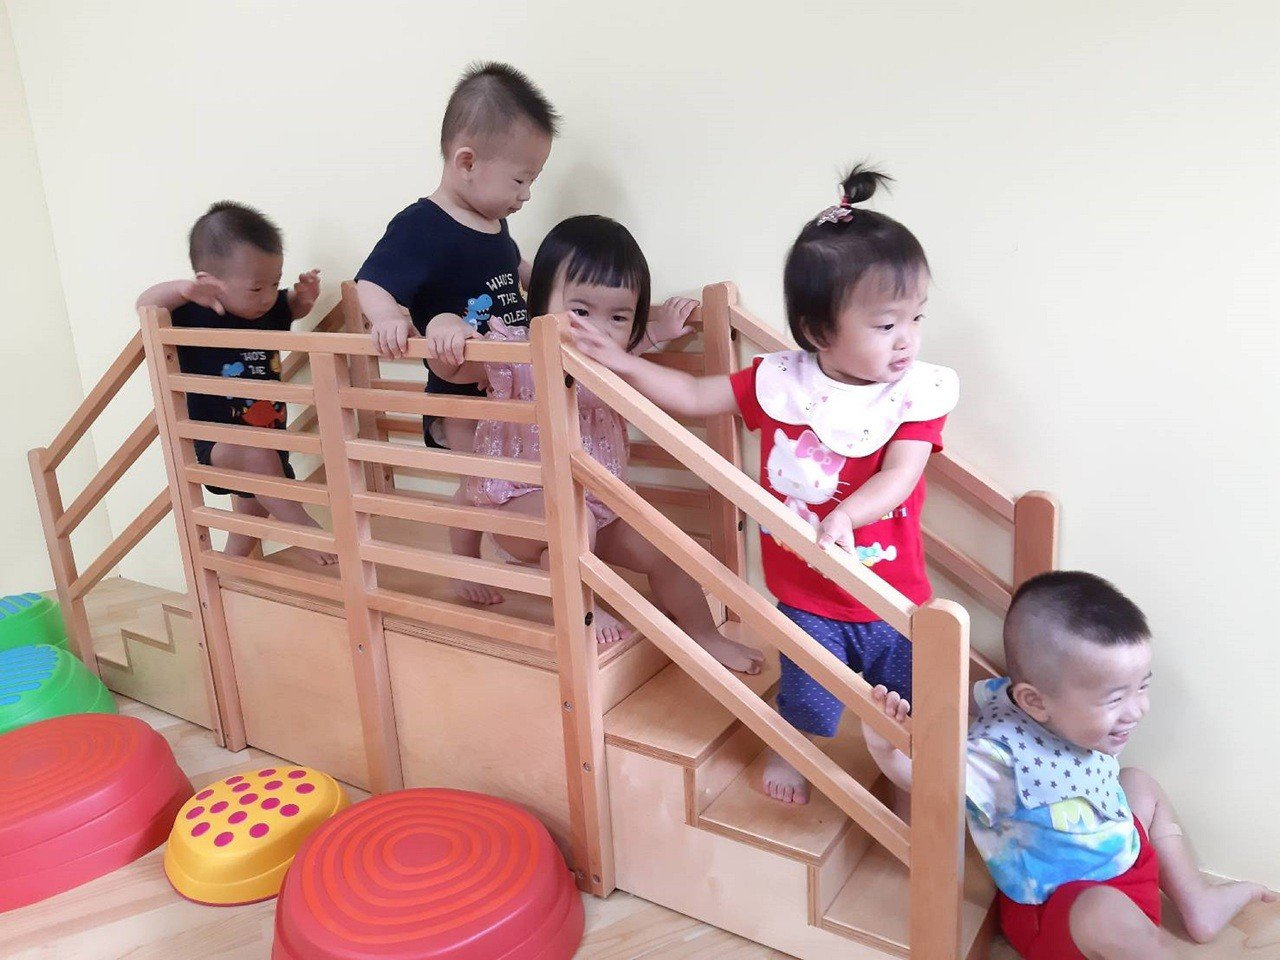 台南市公共托育家園到明年為止會陸續增加到23處。圖/台南市社會局提供